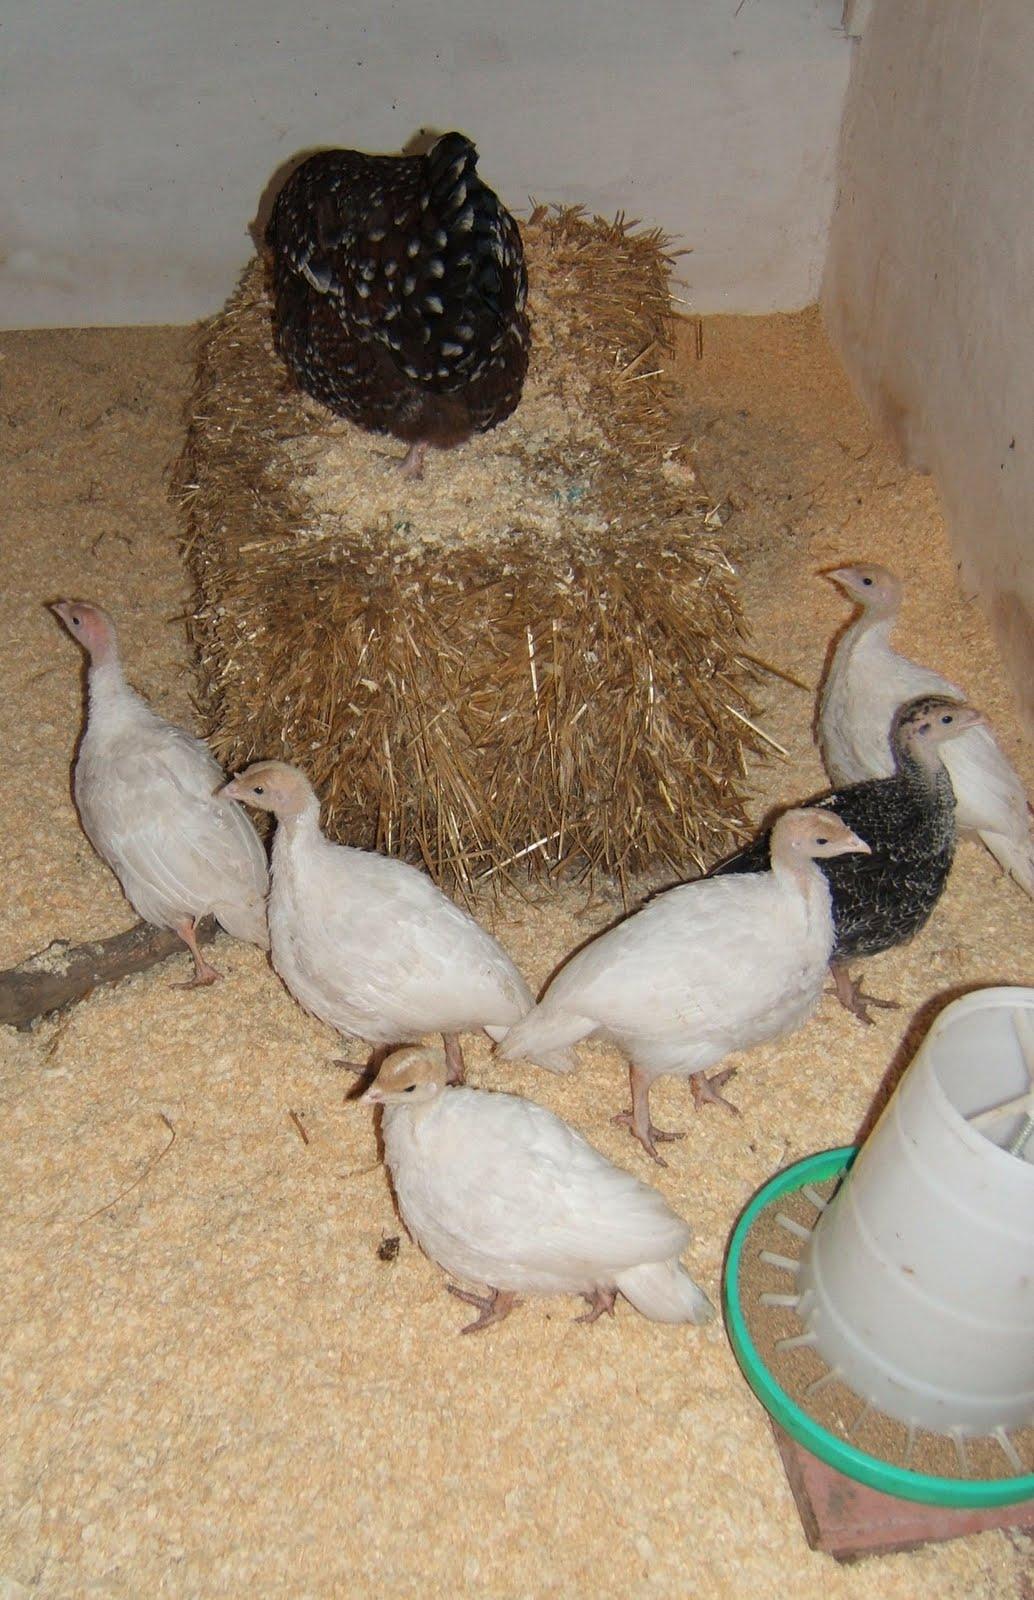 Turkey Poults - 6 weeks: http://bellecrosshens.blogspot.com/2010/07/turkey-poults-6-weeks.html